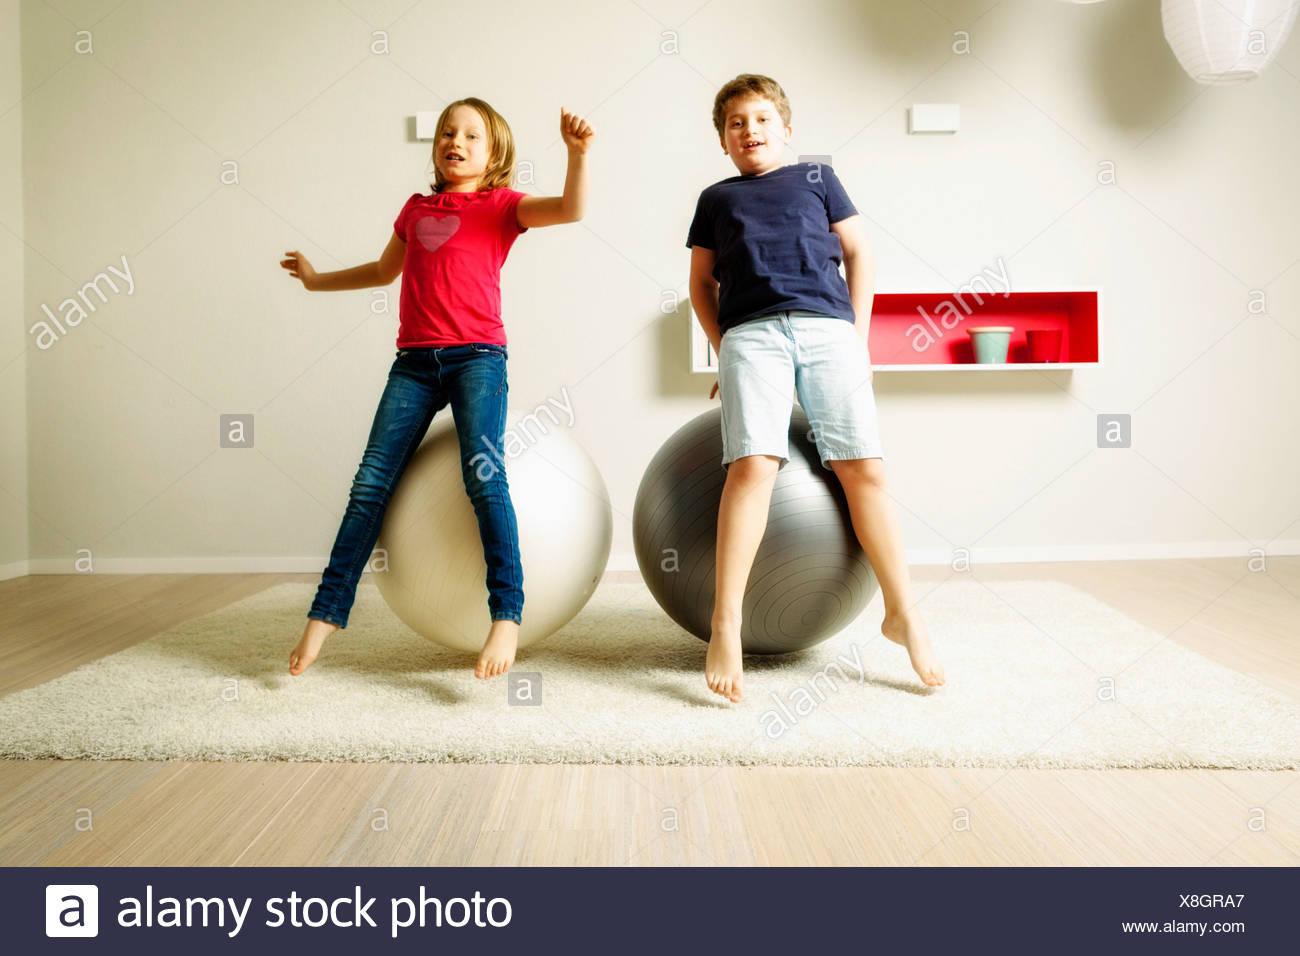 Kinder im Wohnzimmer spielen mit springenden Bällen, München, Bayern, Deutschland Stockbild